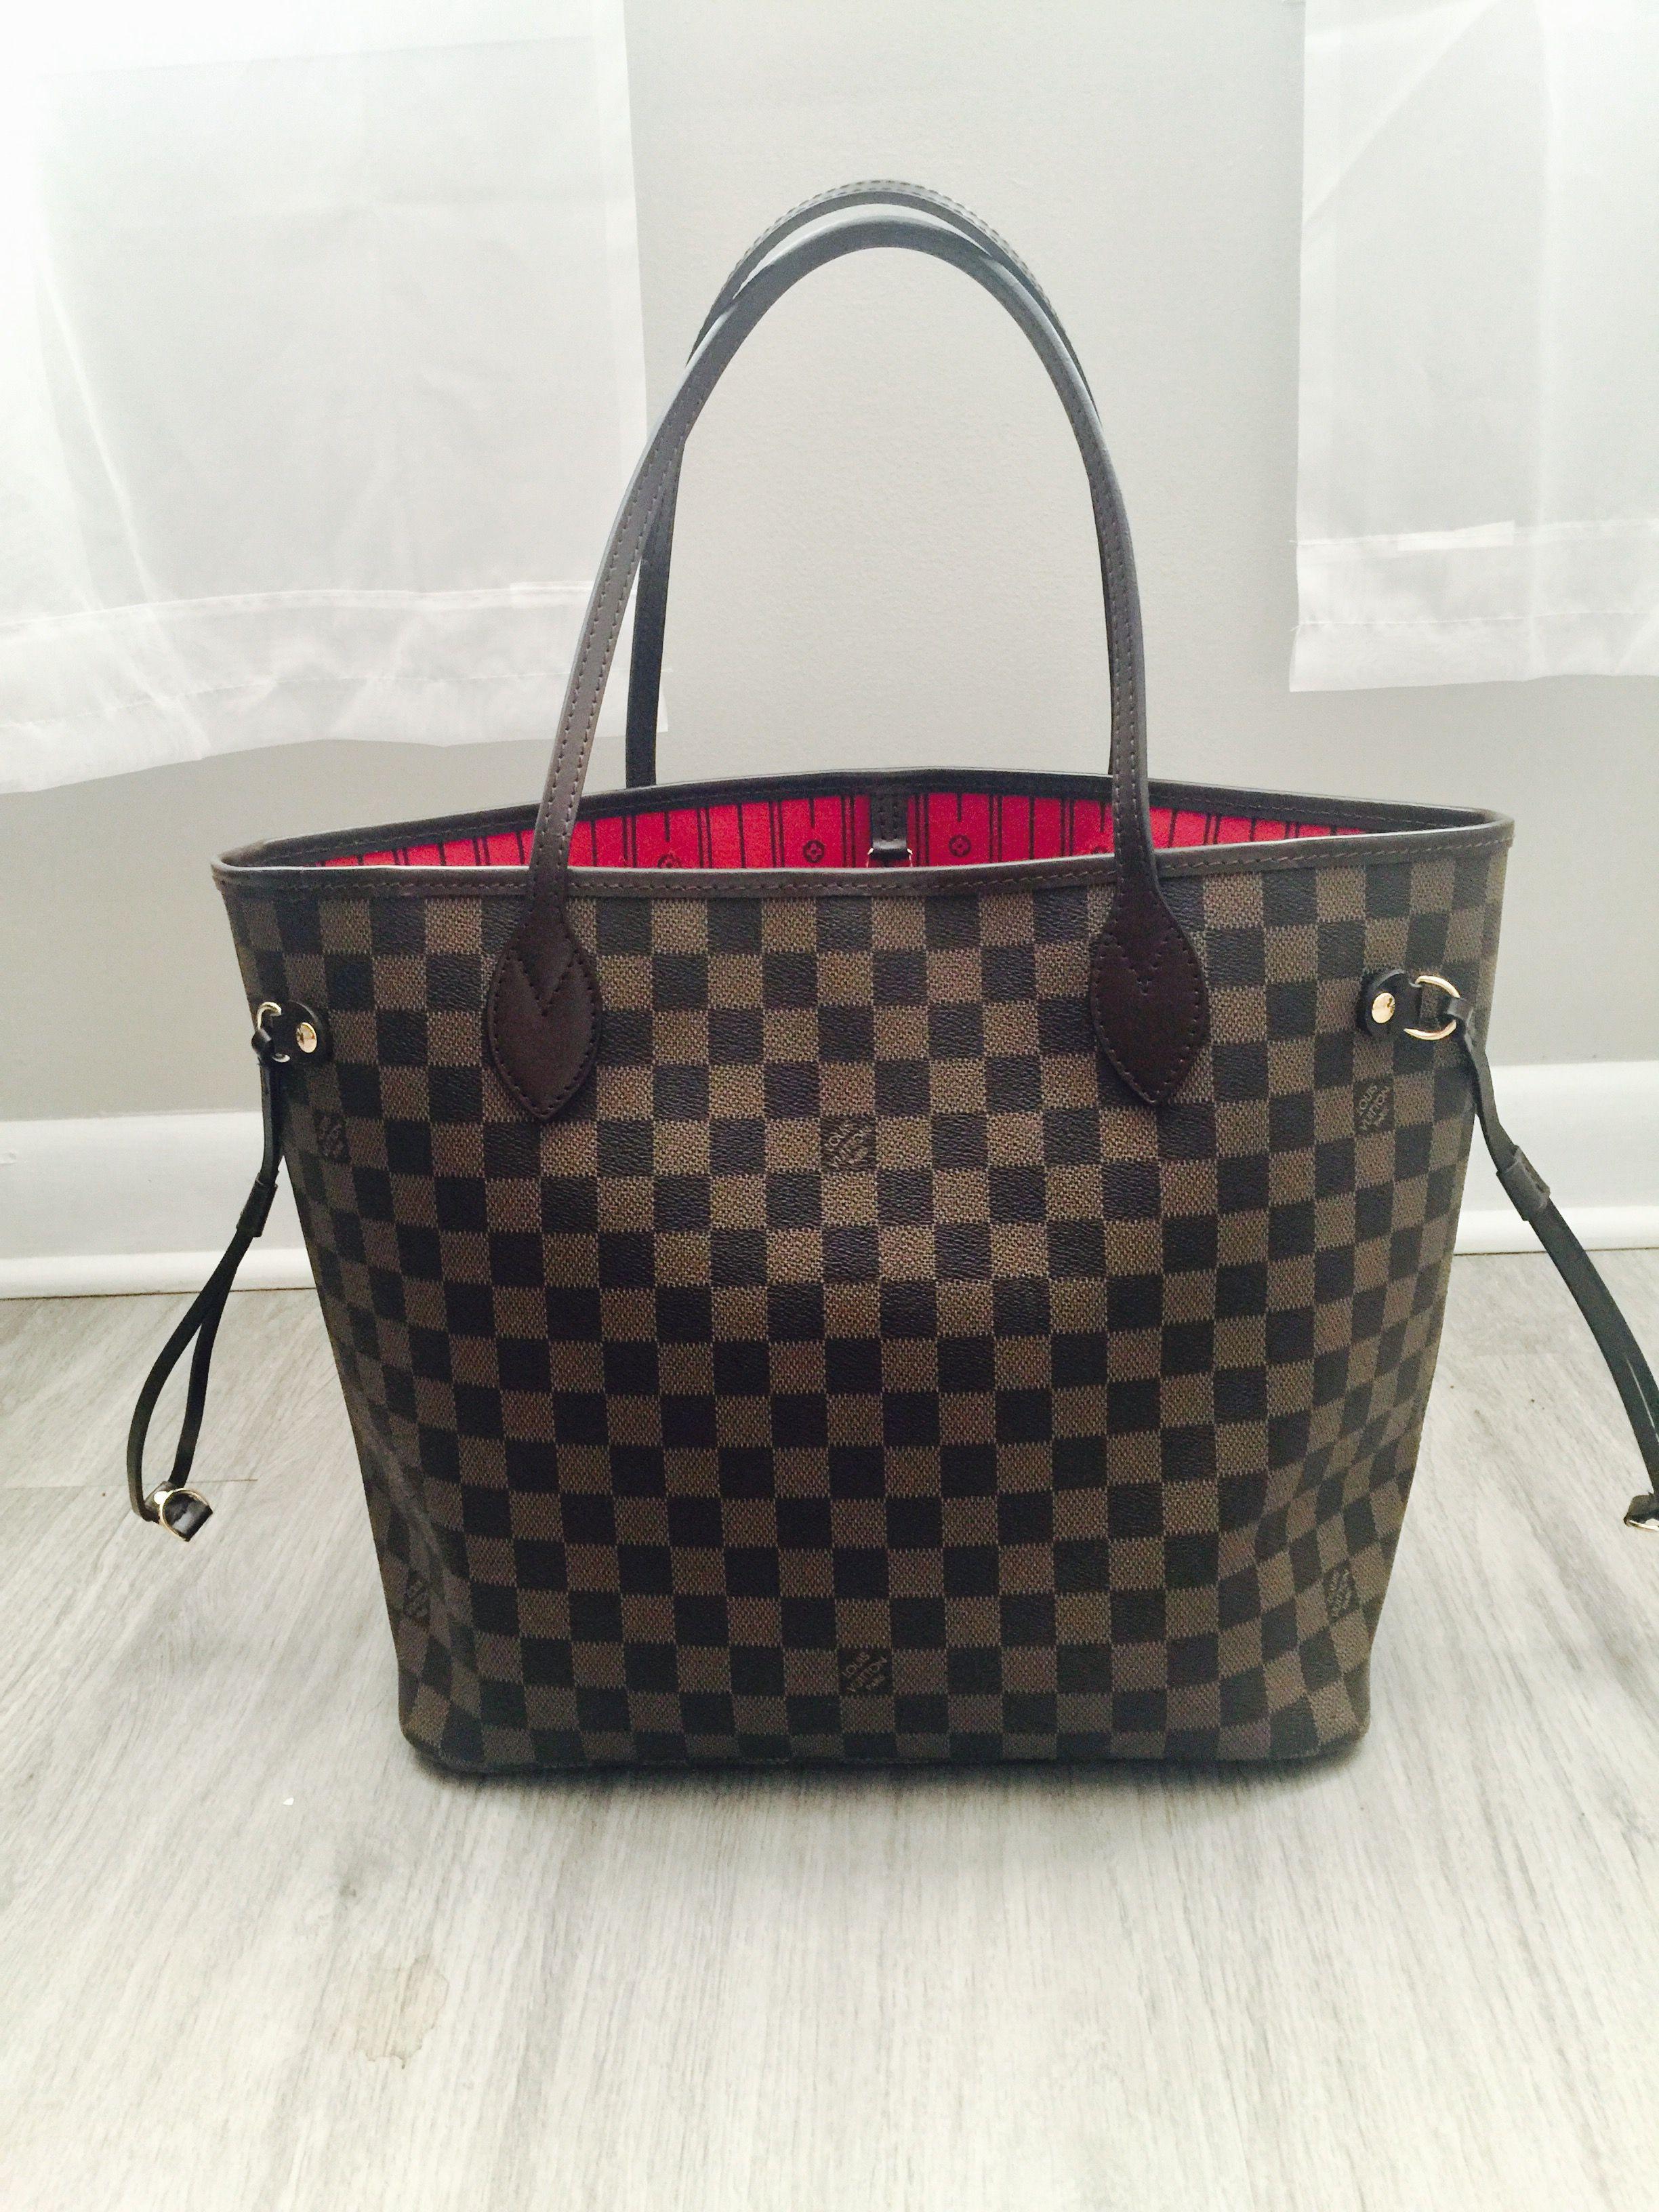 8fe3cca8498 Louis Vuitton Neverfull MM Damier Replica Louis Vuitton | http://www ...